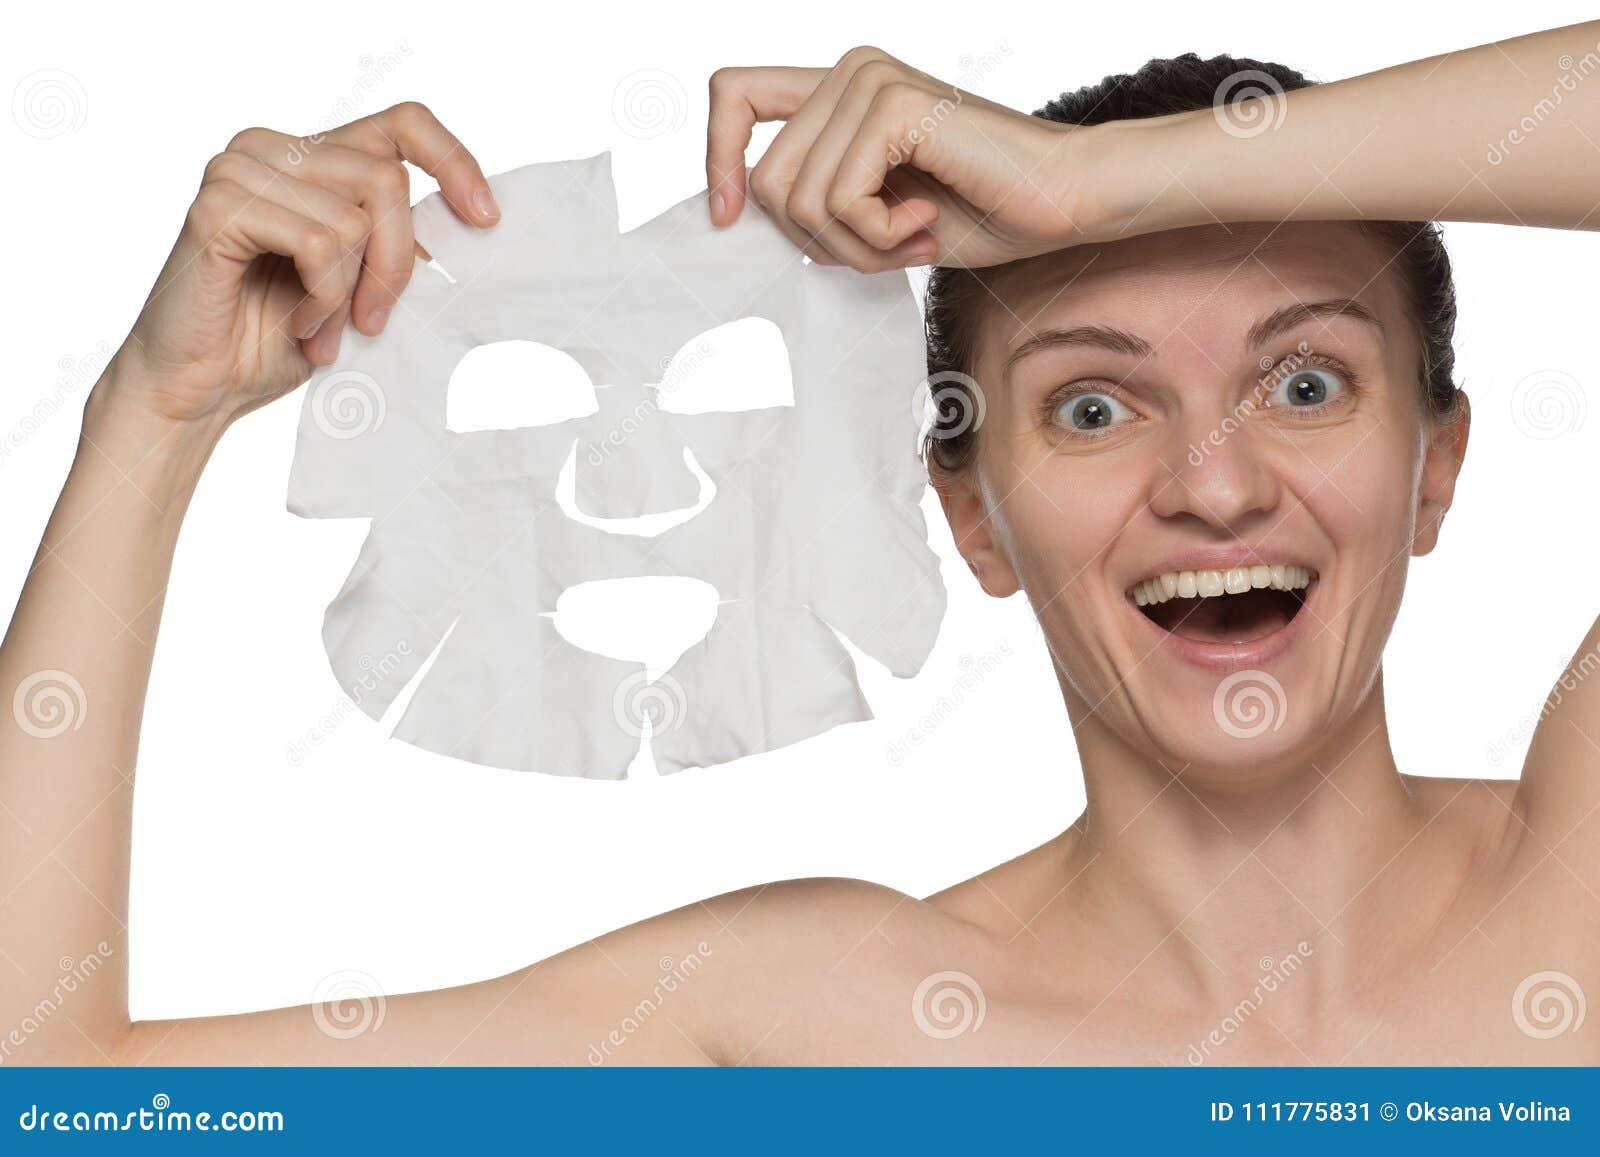 Η όμορφη νέα γυναίκα εφαρμόζει μια καλλυντική μάσκα και χαμογελά επάνω